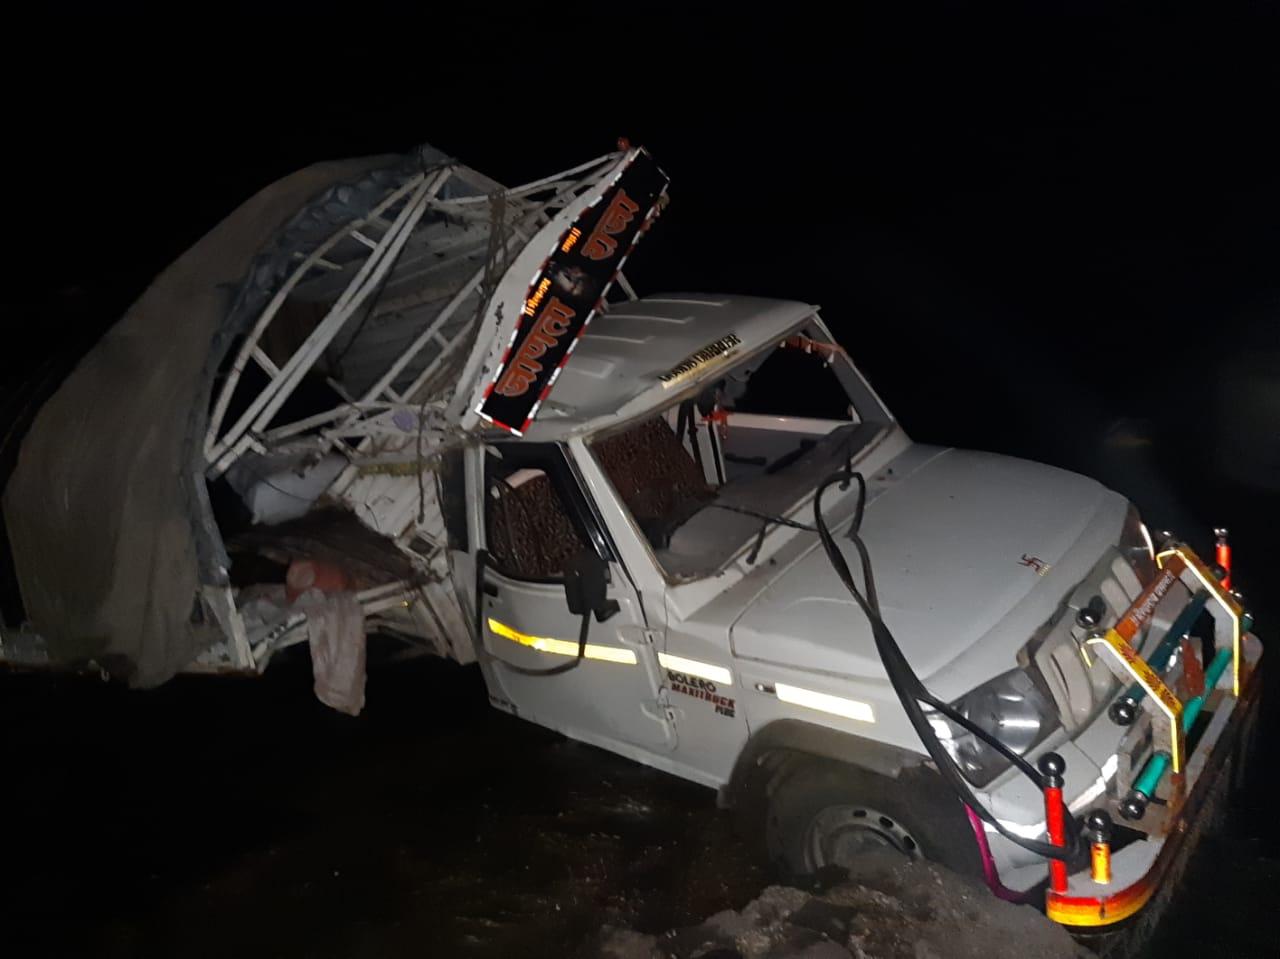 महाराष्ट्र : तेज रफ्तार से आ रही वैन नदी में गिरी, सात मजदूरों की मौत